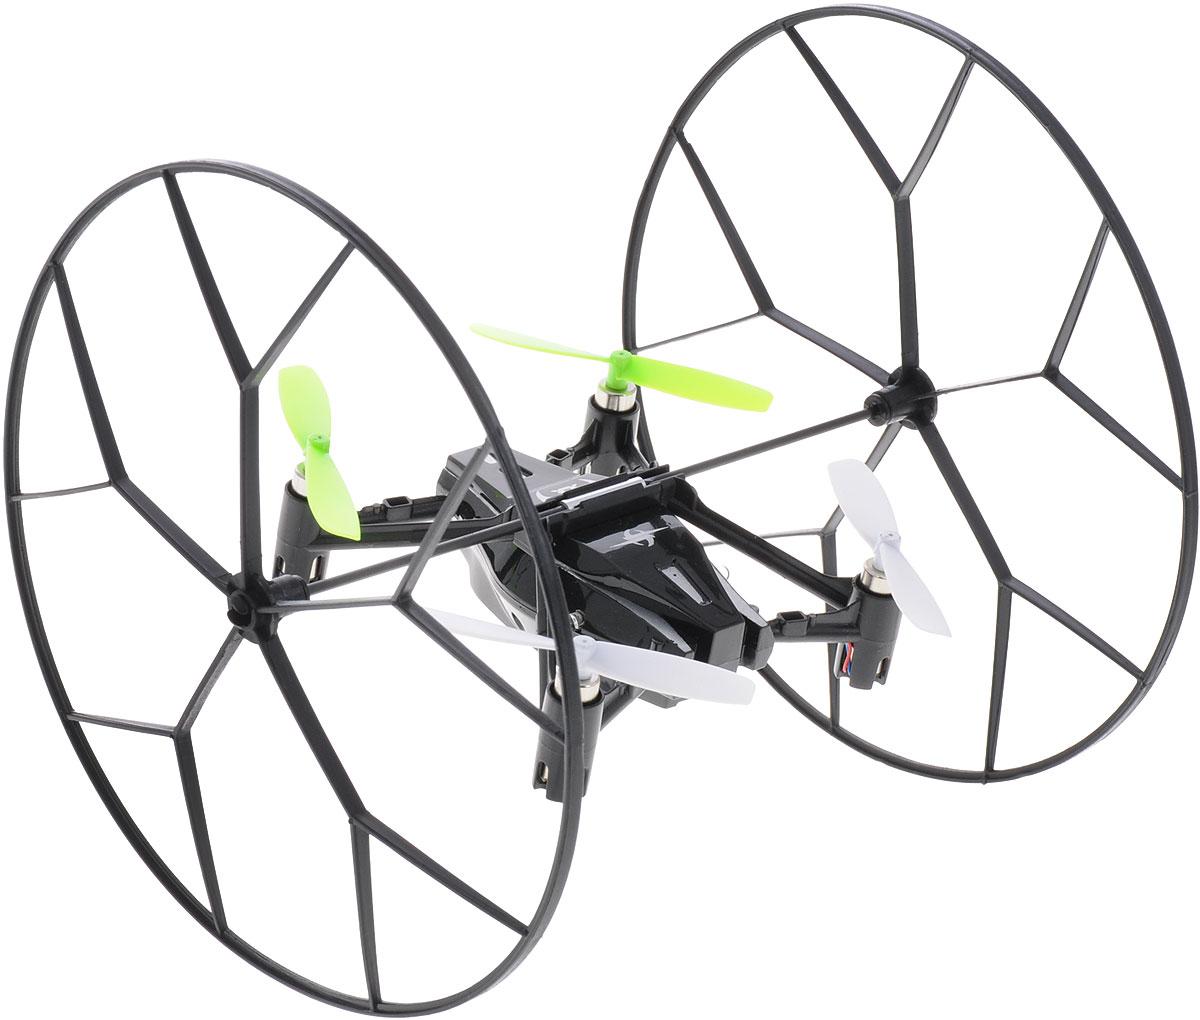 Junfa Toys Квадрокоптер на радиоуправлении Sky Roller1310Квадрокоптер Junfa Toys Sky Roller на радиоуправлении способен вращаться вокруг своей оси на 360 градусов, а также передвигаться вперед/назад, вверх/вниз, поворачивать вправо/влево. Квадрокоптер со светодиодной подсветкой оснащен большими легкими колесами и может передвигаться по полу, потолку и стенам. Он имеет гироскопом для стабильности положения во время полета. Колеса можно заменить на пластиковый защитный каркас и использовать квадрокоптер только для полета. В комплект входит: квадрокоптер, пульт дистанционного управления, защитный каркас, 4 запасных винта, зарядное устройство USB, подробная инструкция на русском языке. Квадрокоптер работает от аккумулятора (входит в комплект). Для работы пульта управления необходимы 4 батарейки типа АА (не входят в комплект).